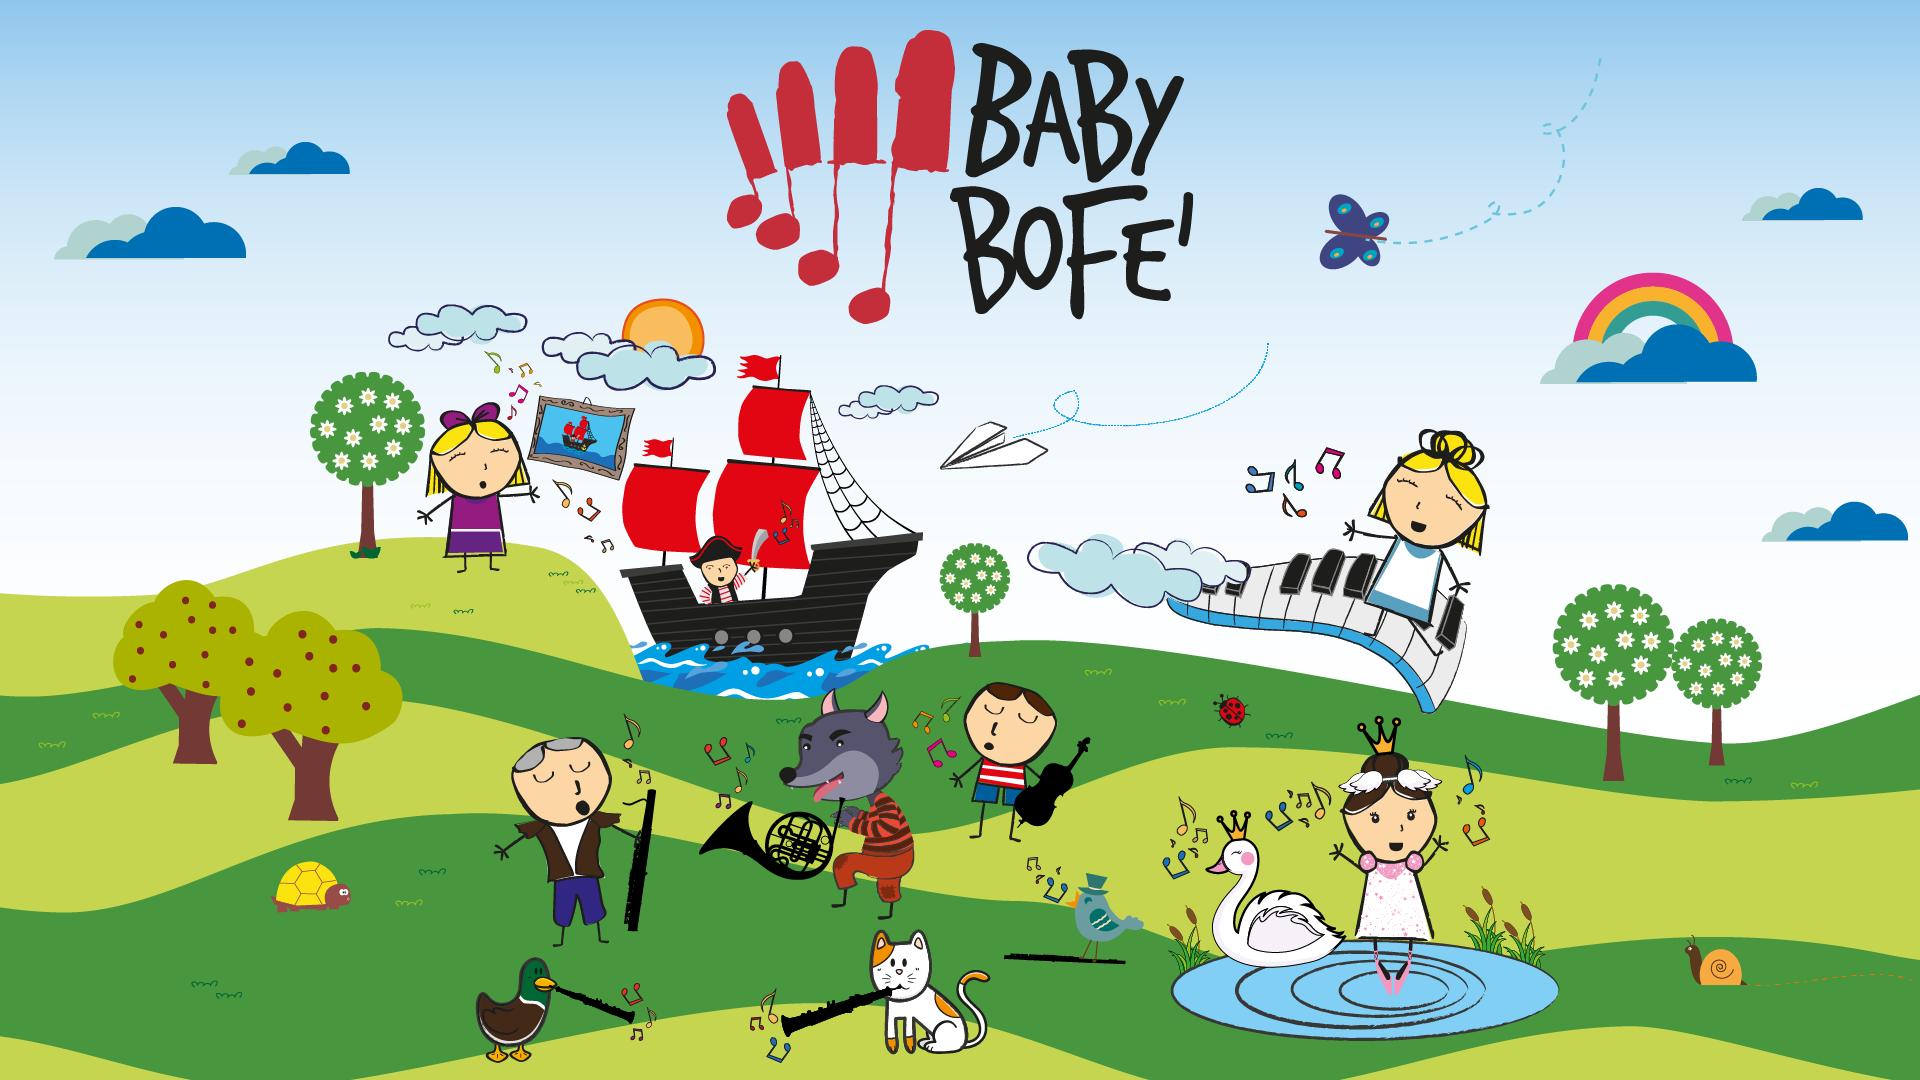 Baby BoFe' 2021